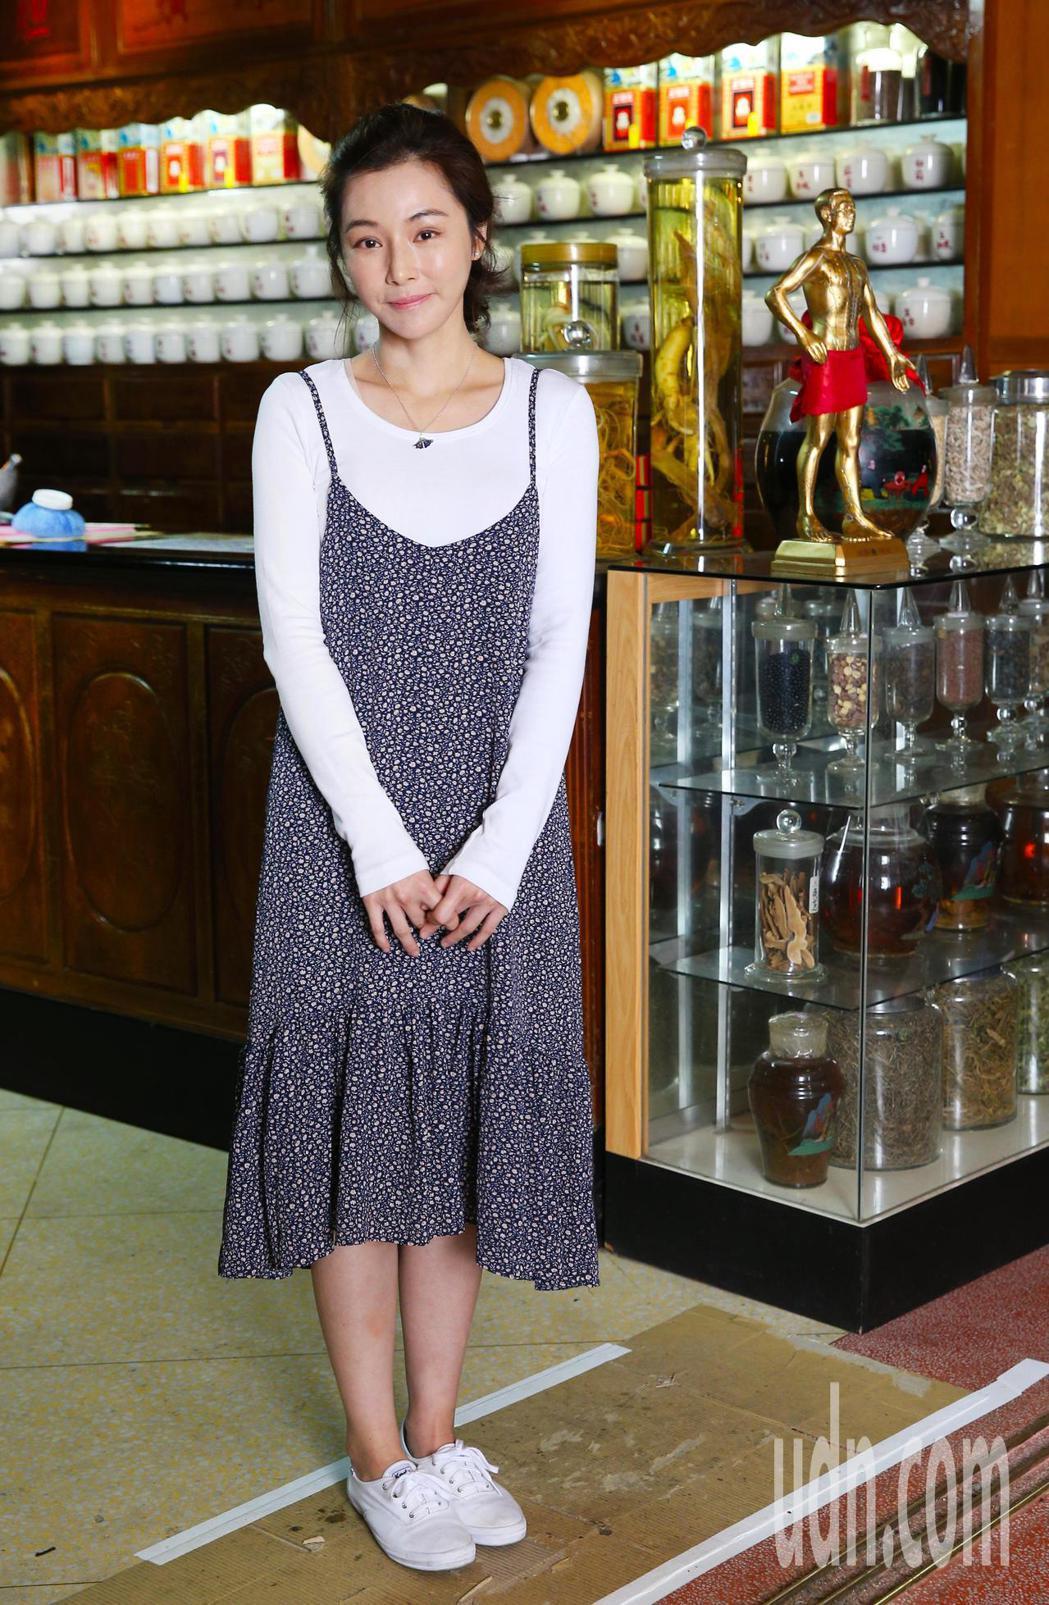 《雙城故事》在迪化街中藥堂取景,演員陳怡蓉出席。記者陳正興/攝影